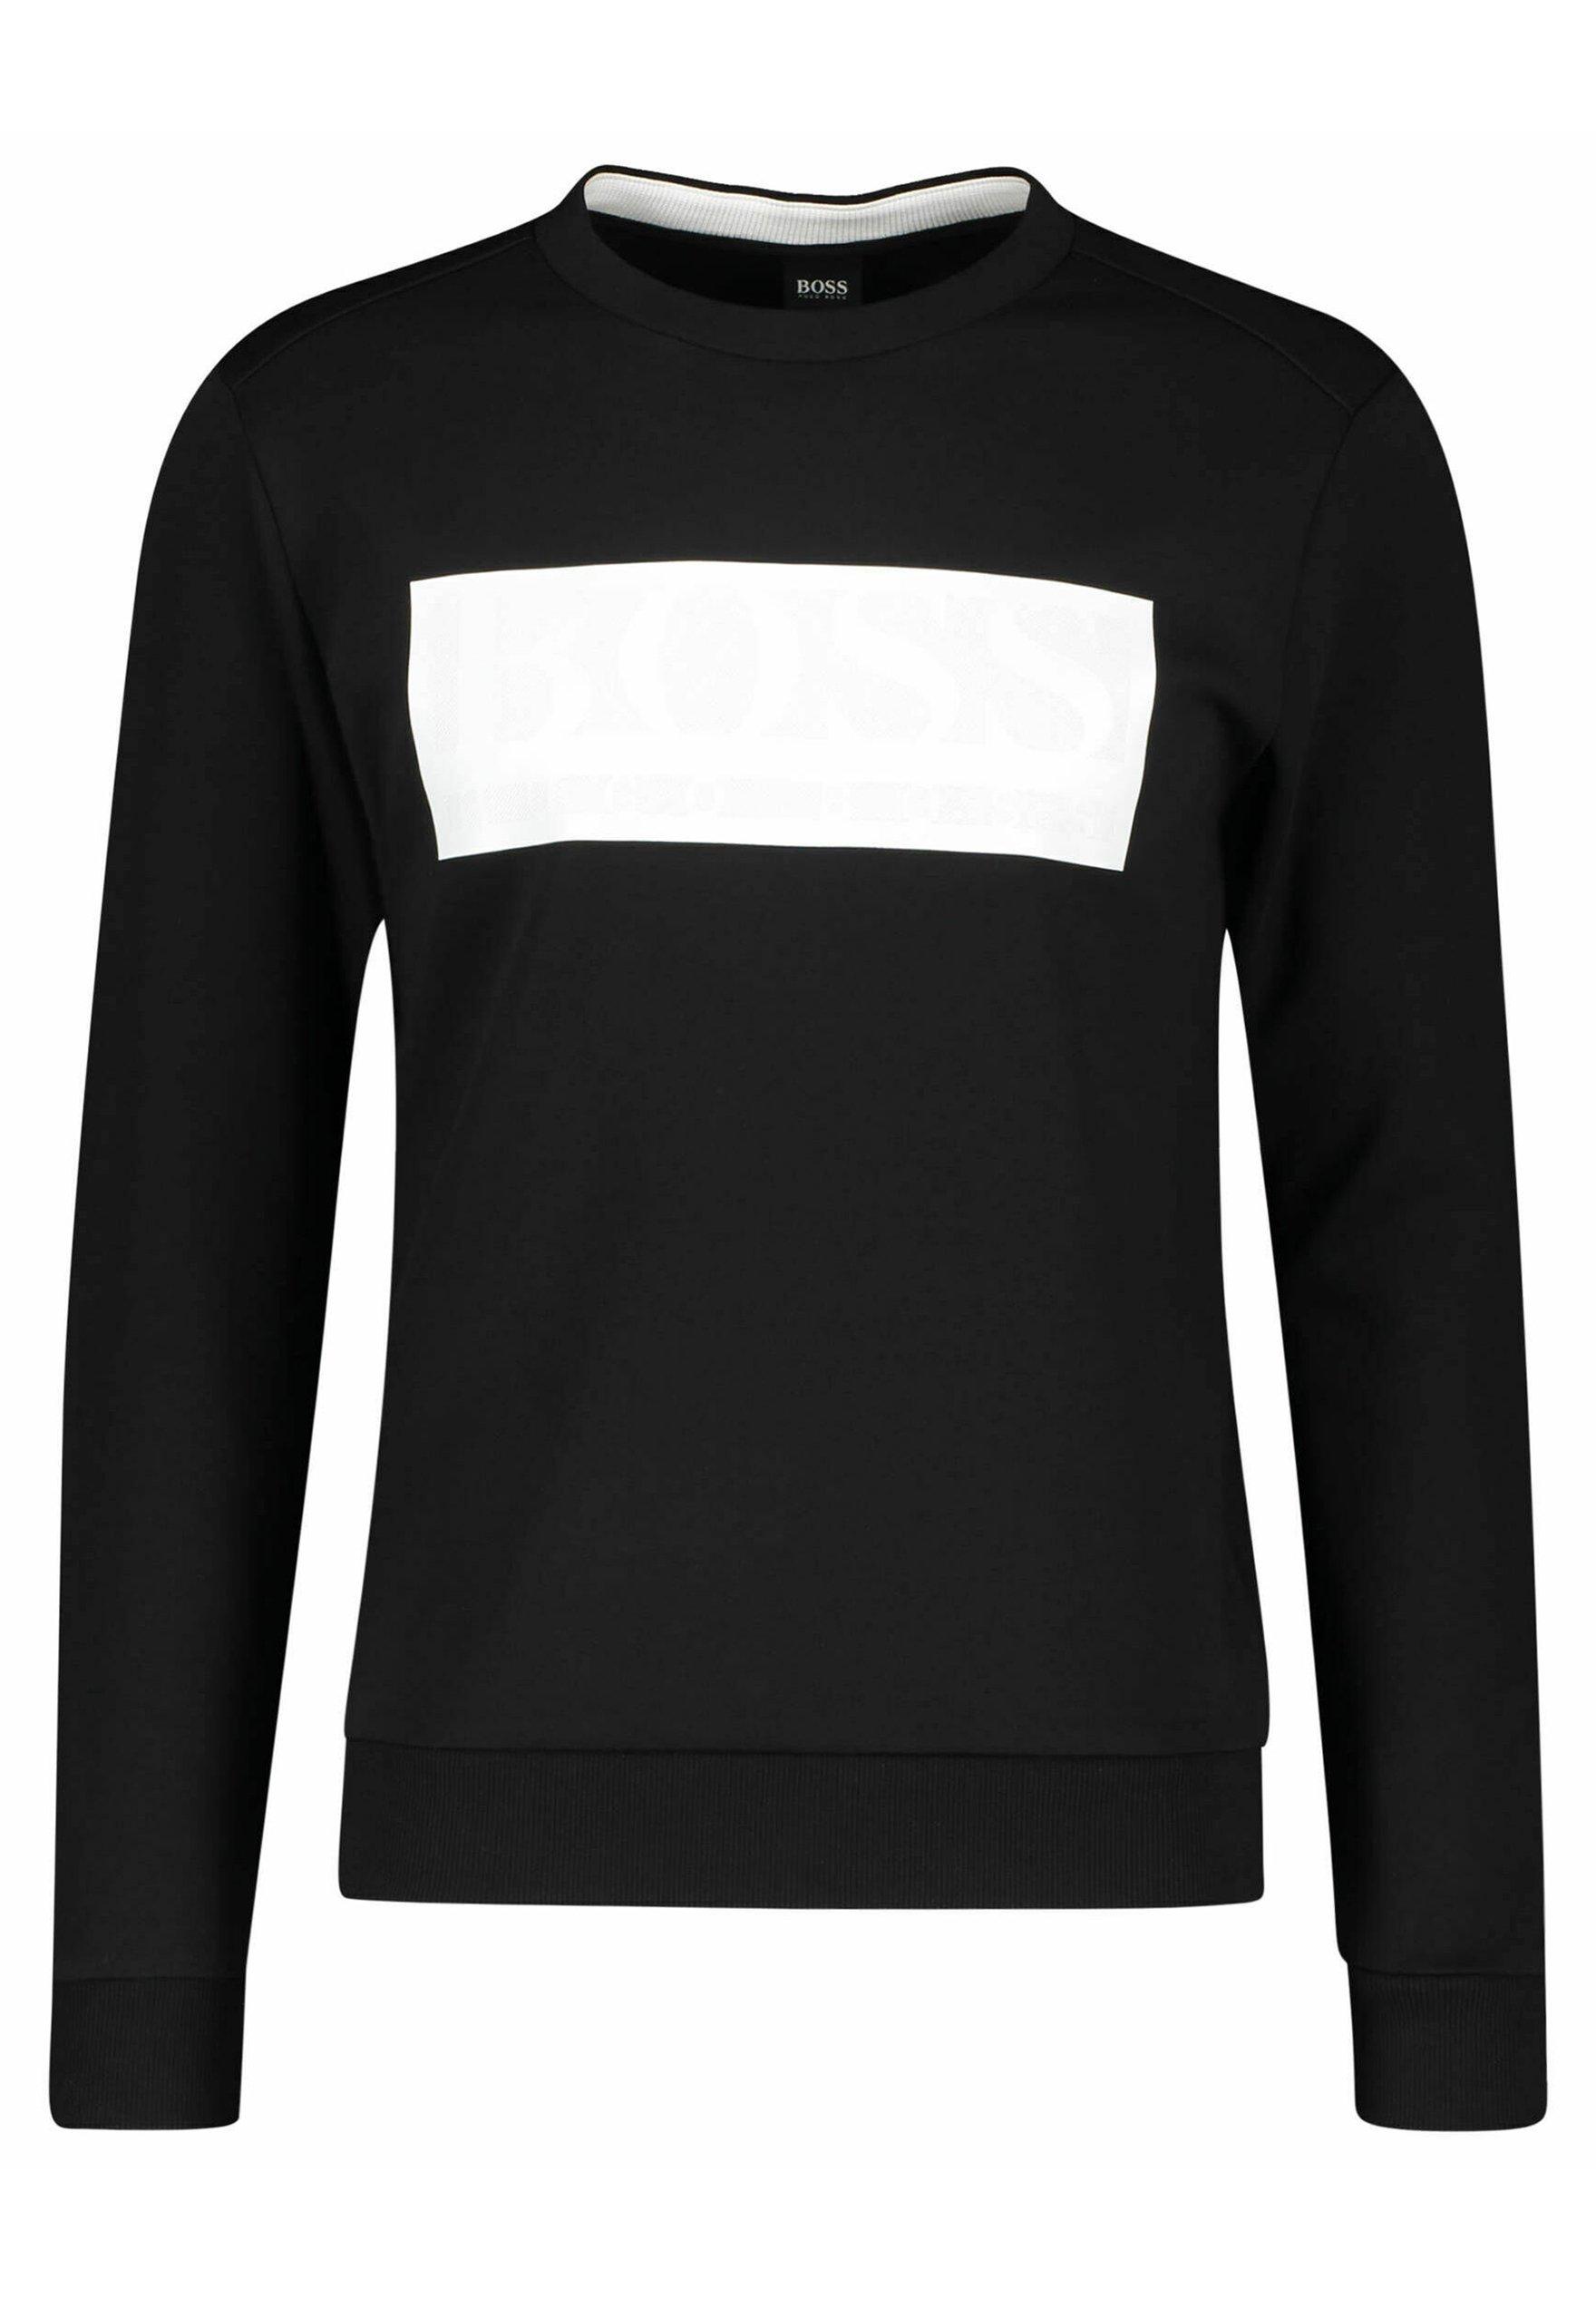 Homme SALBO BATCH - Sweatshirt - schwarz